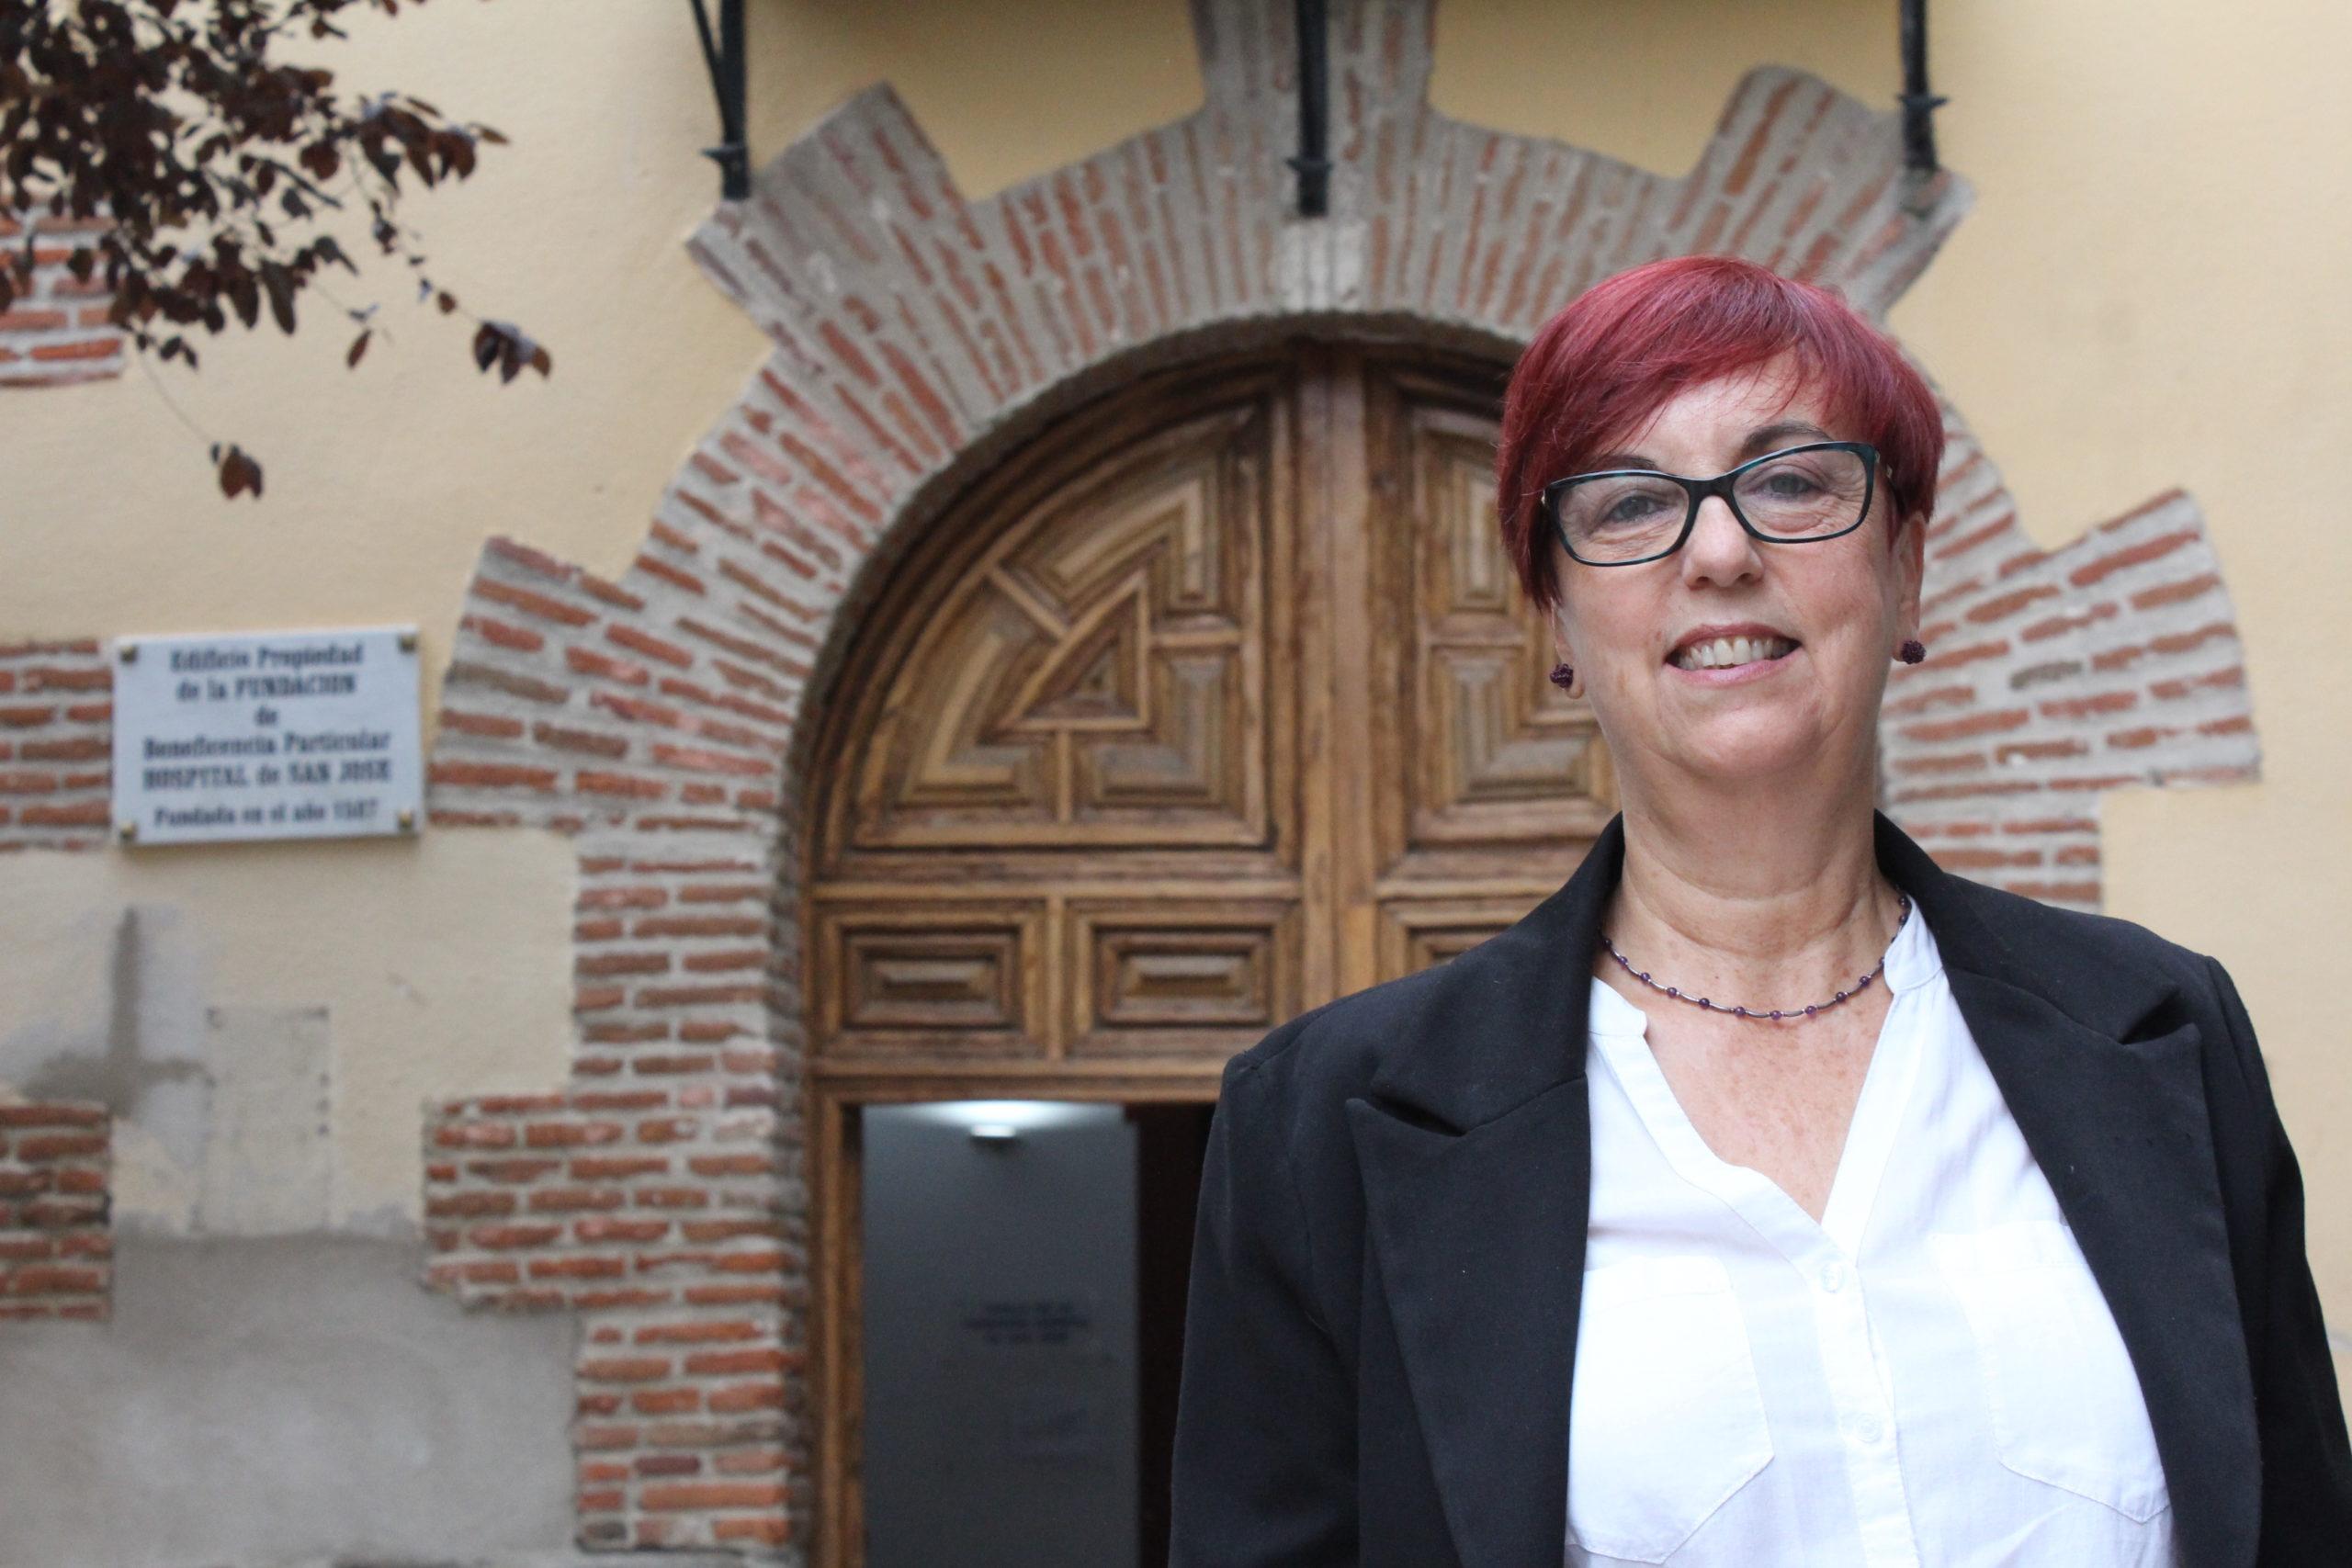 Podemos Getafe denuncia que las viviendas del plan regional del 'alquiler asequible' para jóvenes cuesten hasta 1000 euros al mes